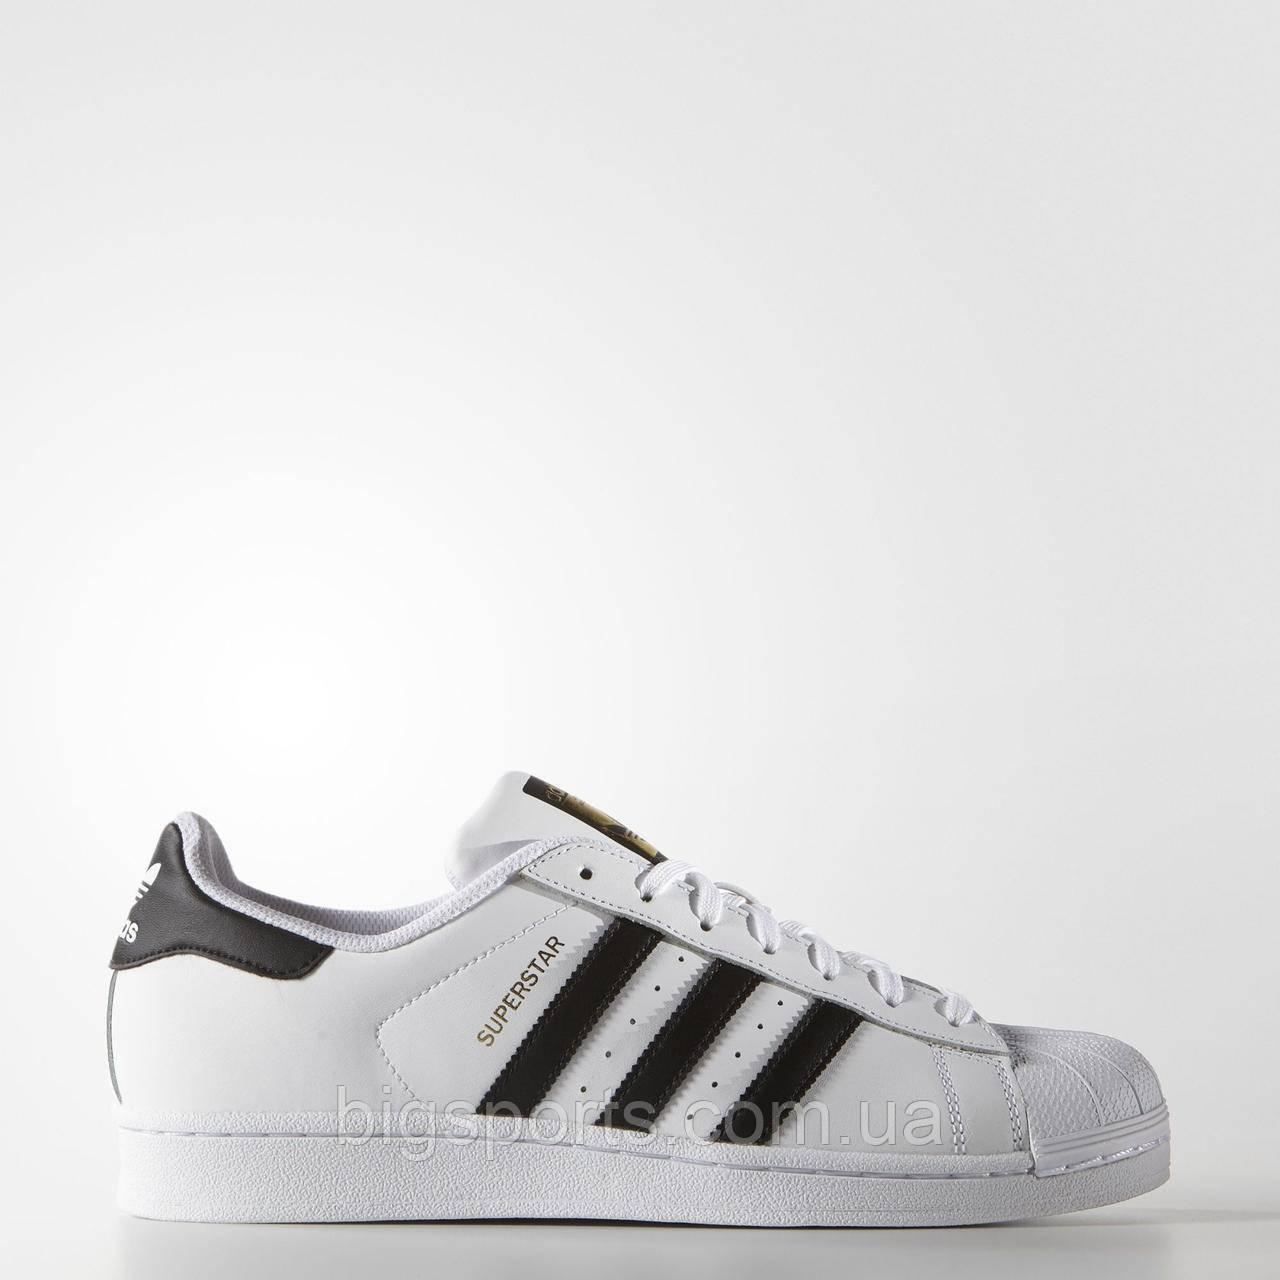 Кроссовки муж. Adidas Superstar (арт. C77124)